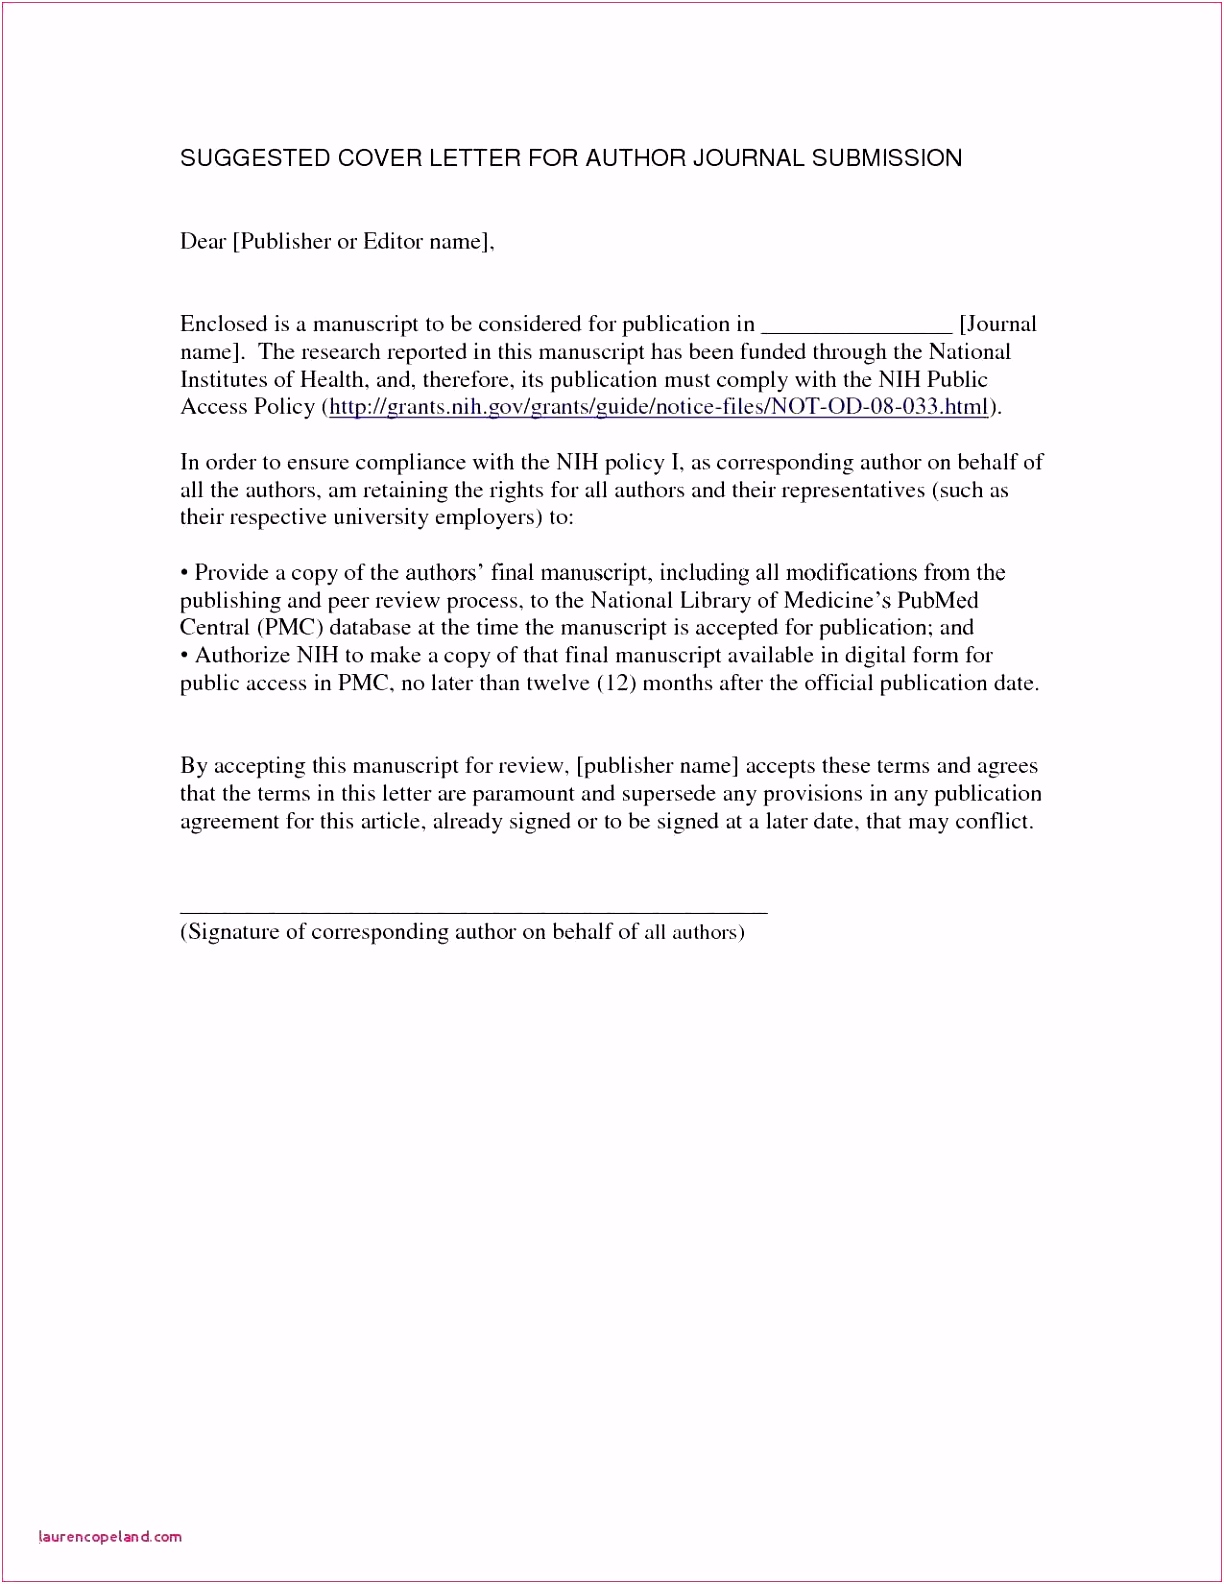 Arbeitszeugnis Schulsekretarin Vorlage 17 Vorlage Zwischenzeugnis B4bu97be23 Huwa6skxh2